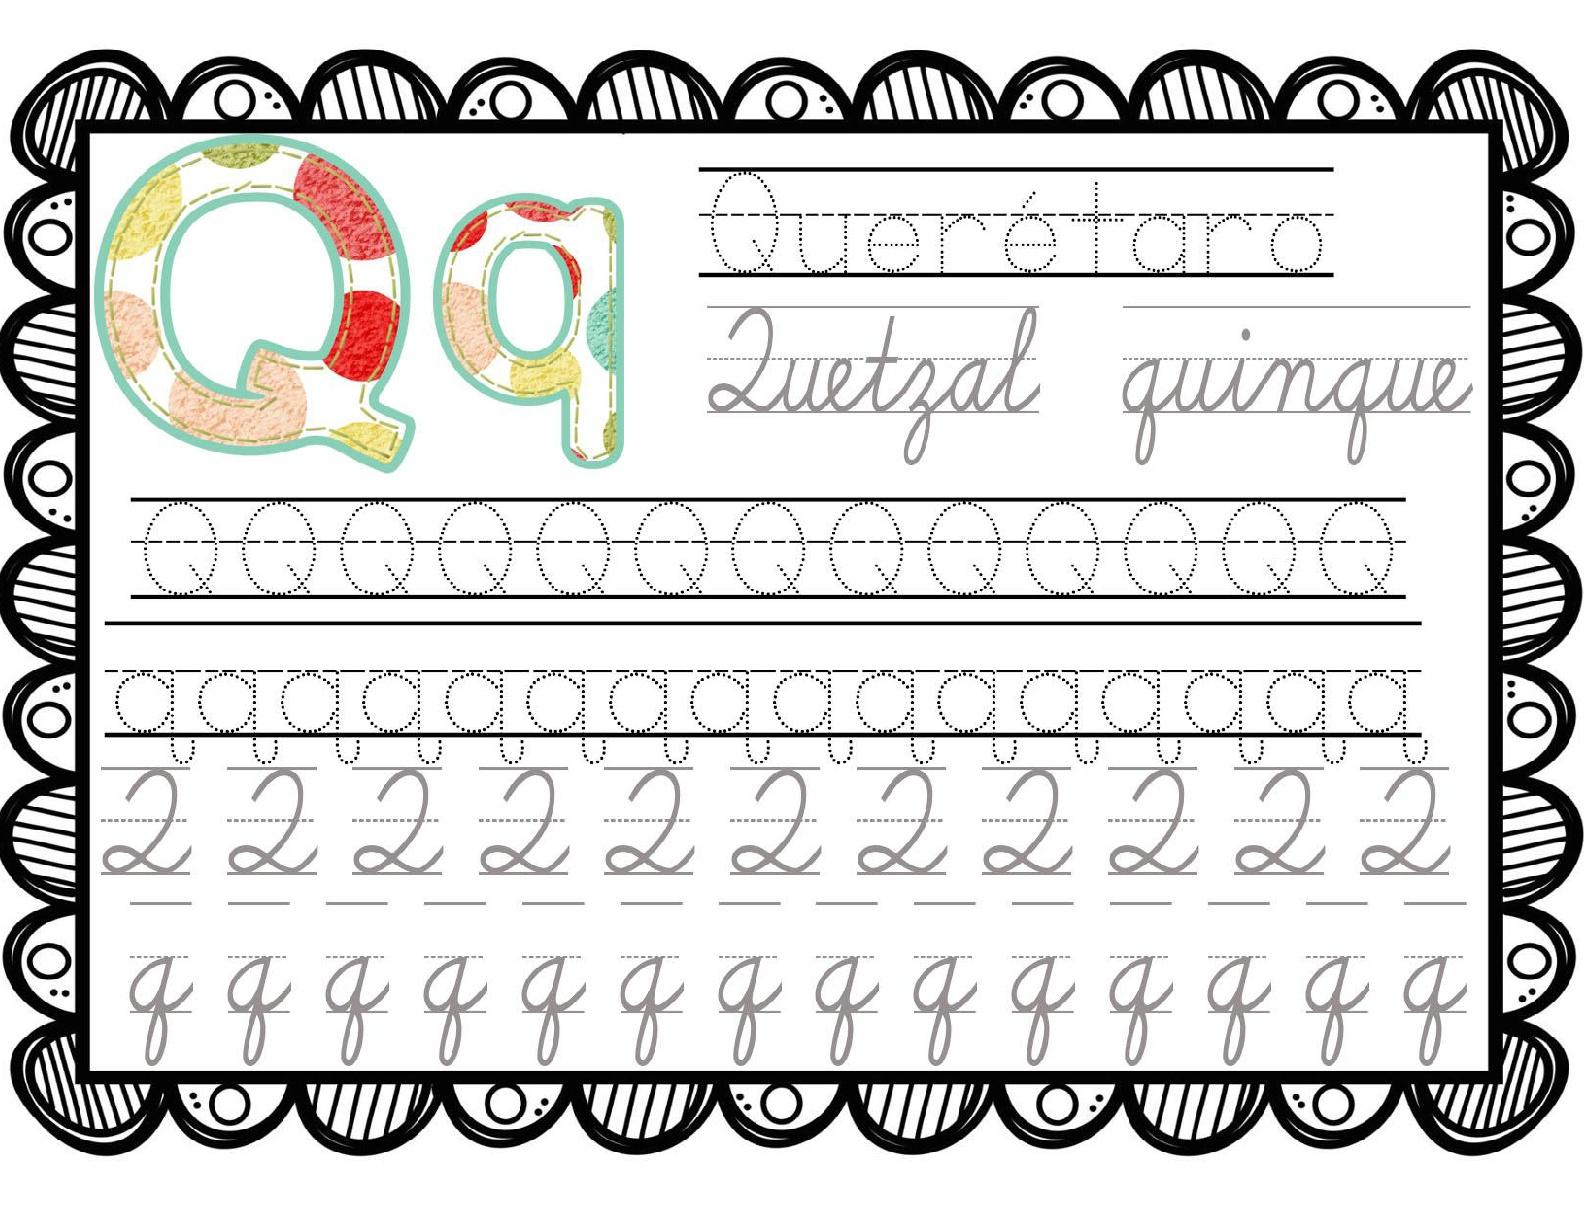 librito-practico-para-el-comienzo-de-la-escritura-en-infantil-o-preescolar-34